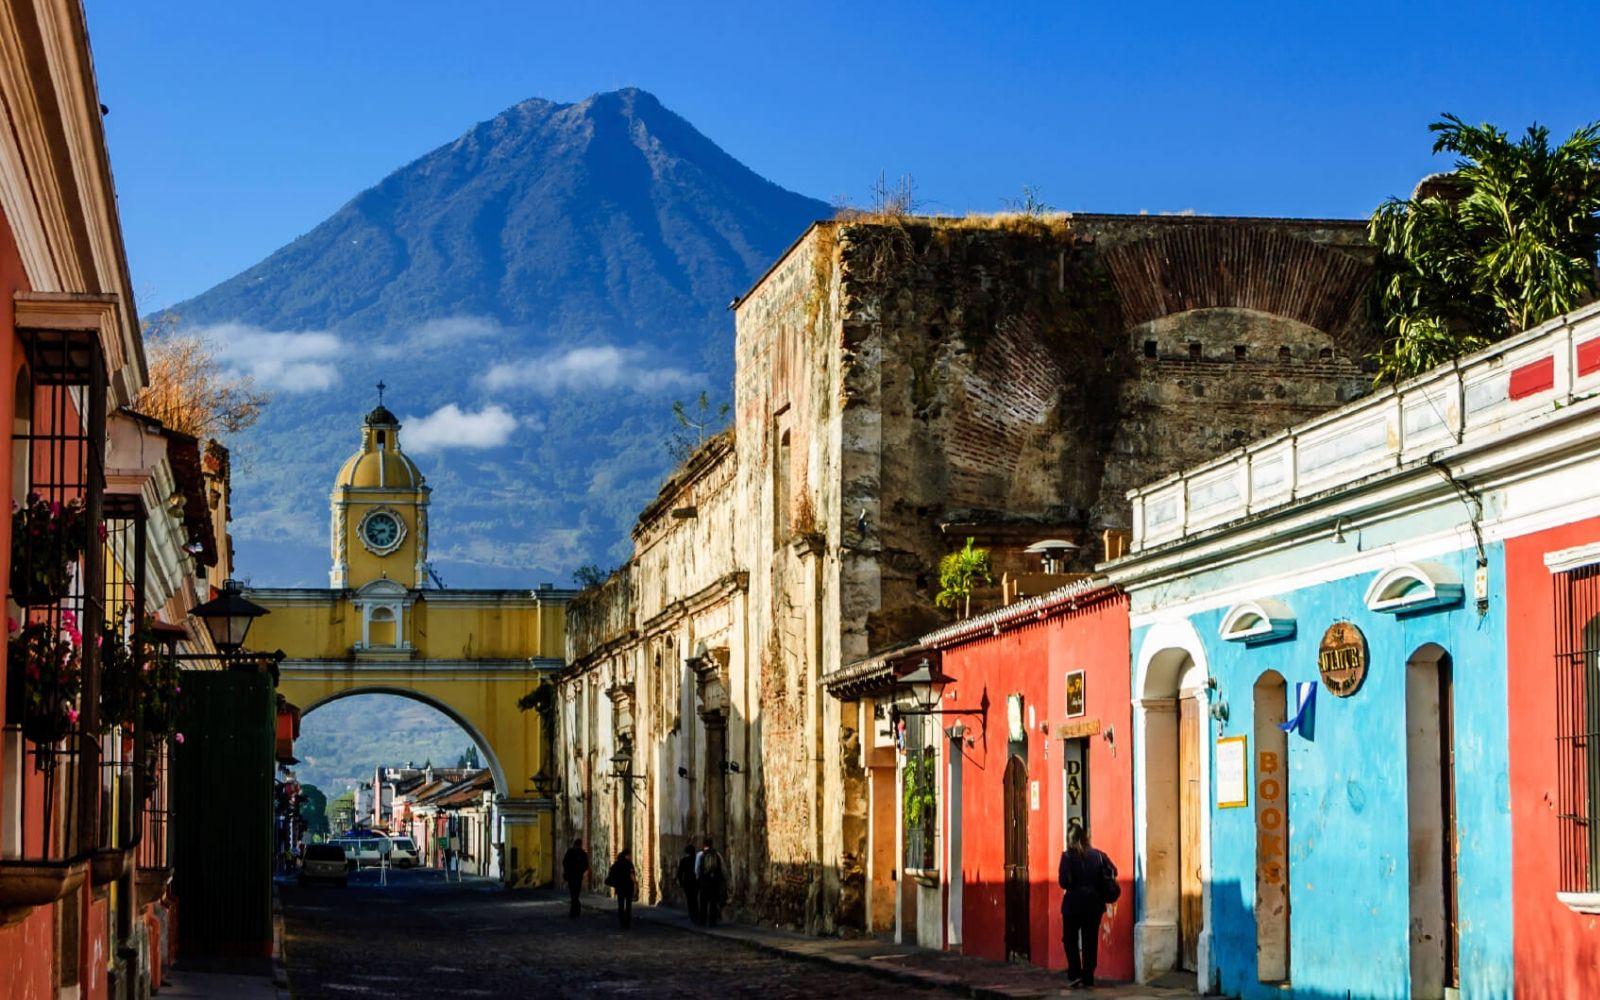 ¡Llegamos a Guatemala!